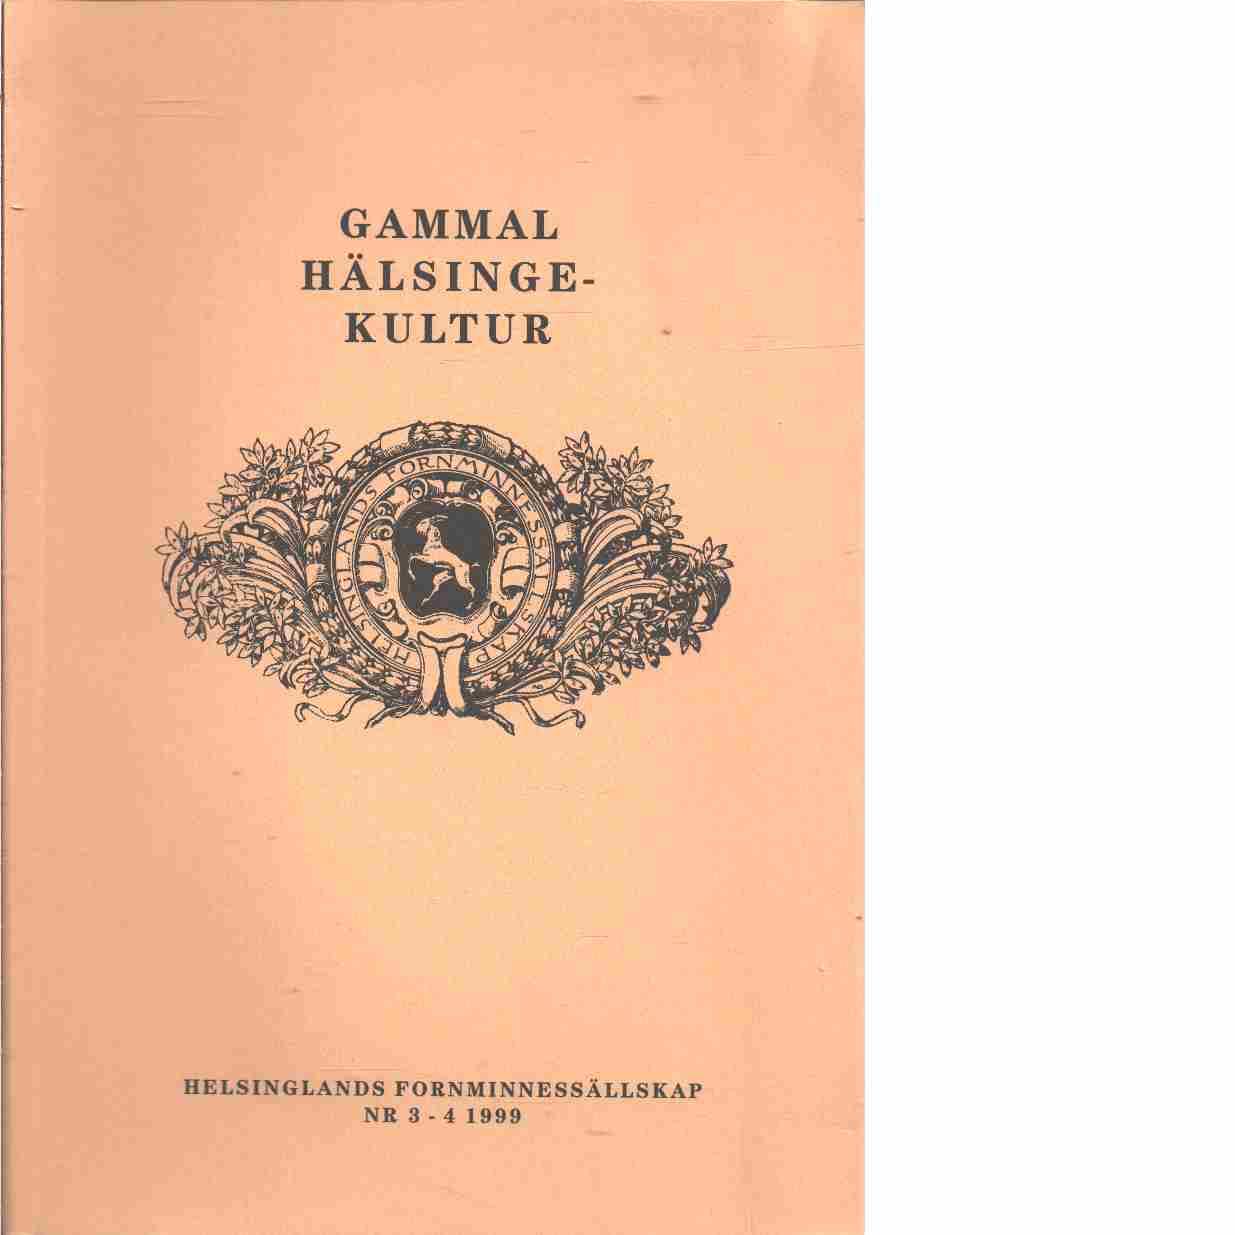 Gammal hälsingekultur : meddelanden från Hälsinglands fornminnessällskap N:r 3-41999 - Helsinglands Fornminnessällskap